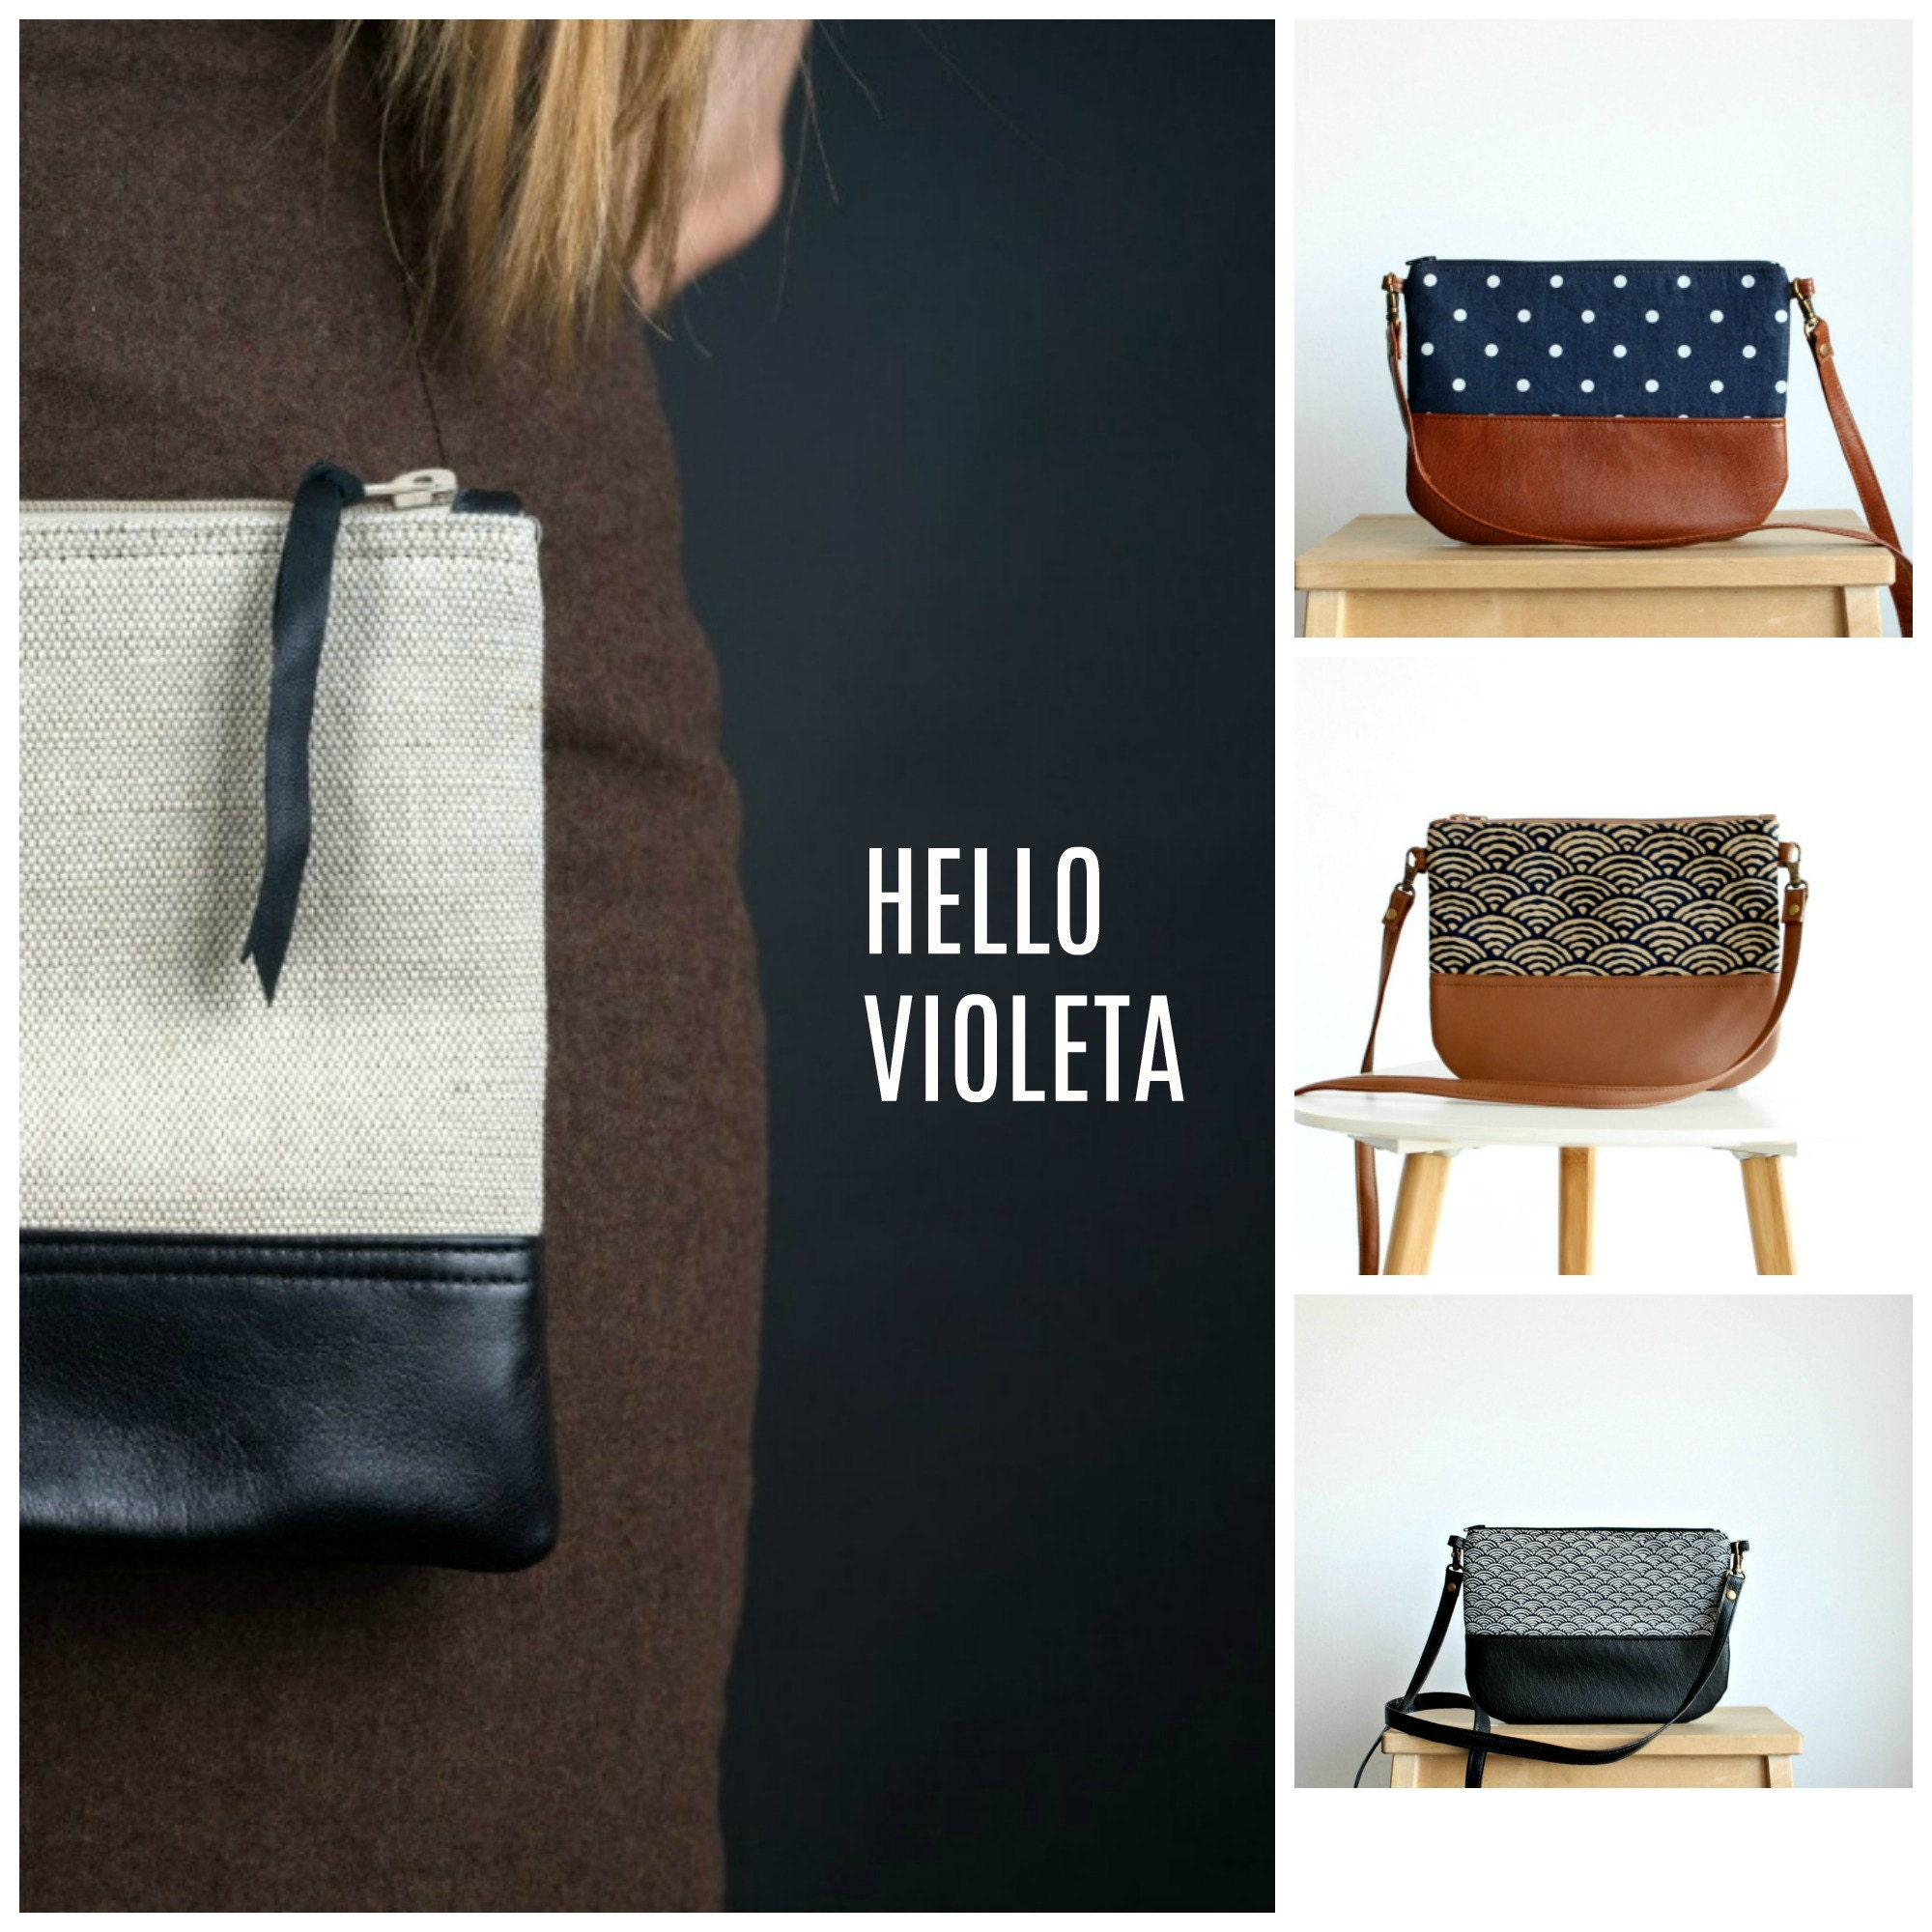 Hello Violeta By Hellovioleta On Etsy